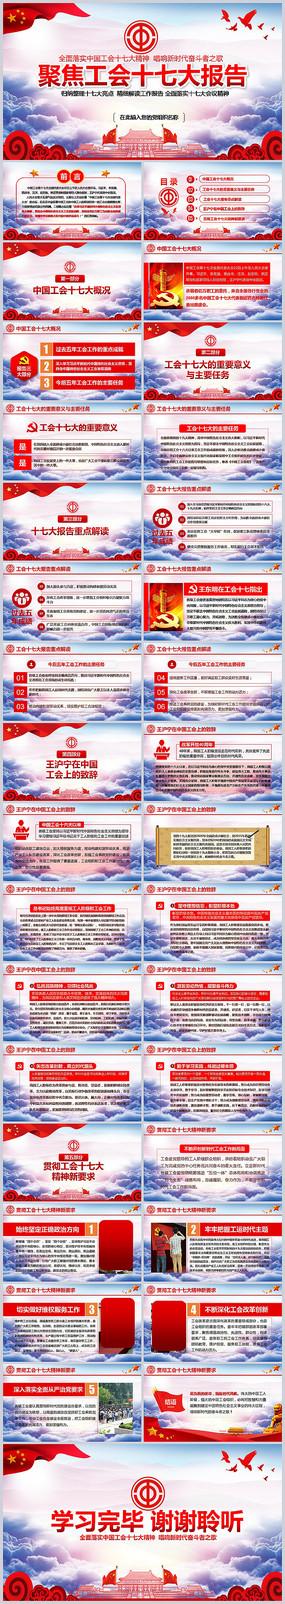 中国工会十七大课件PPT pptx